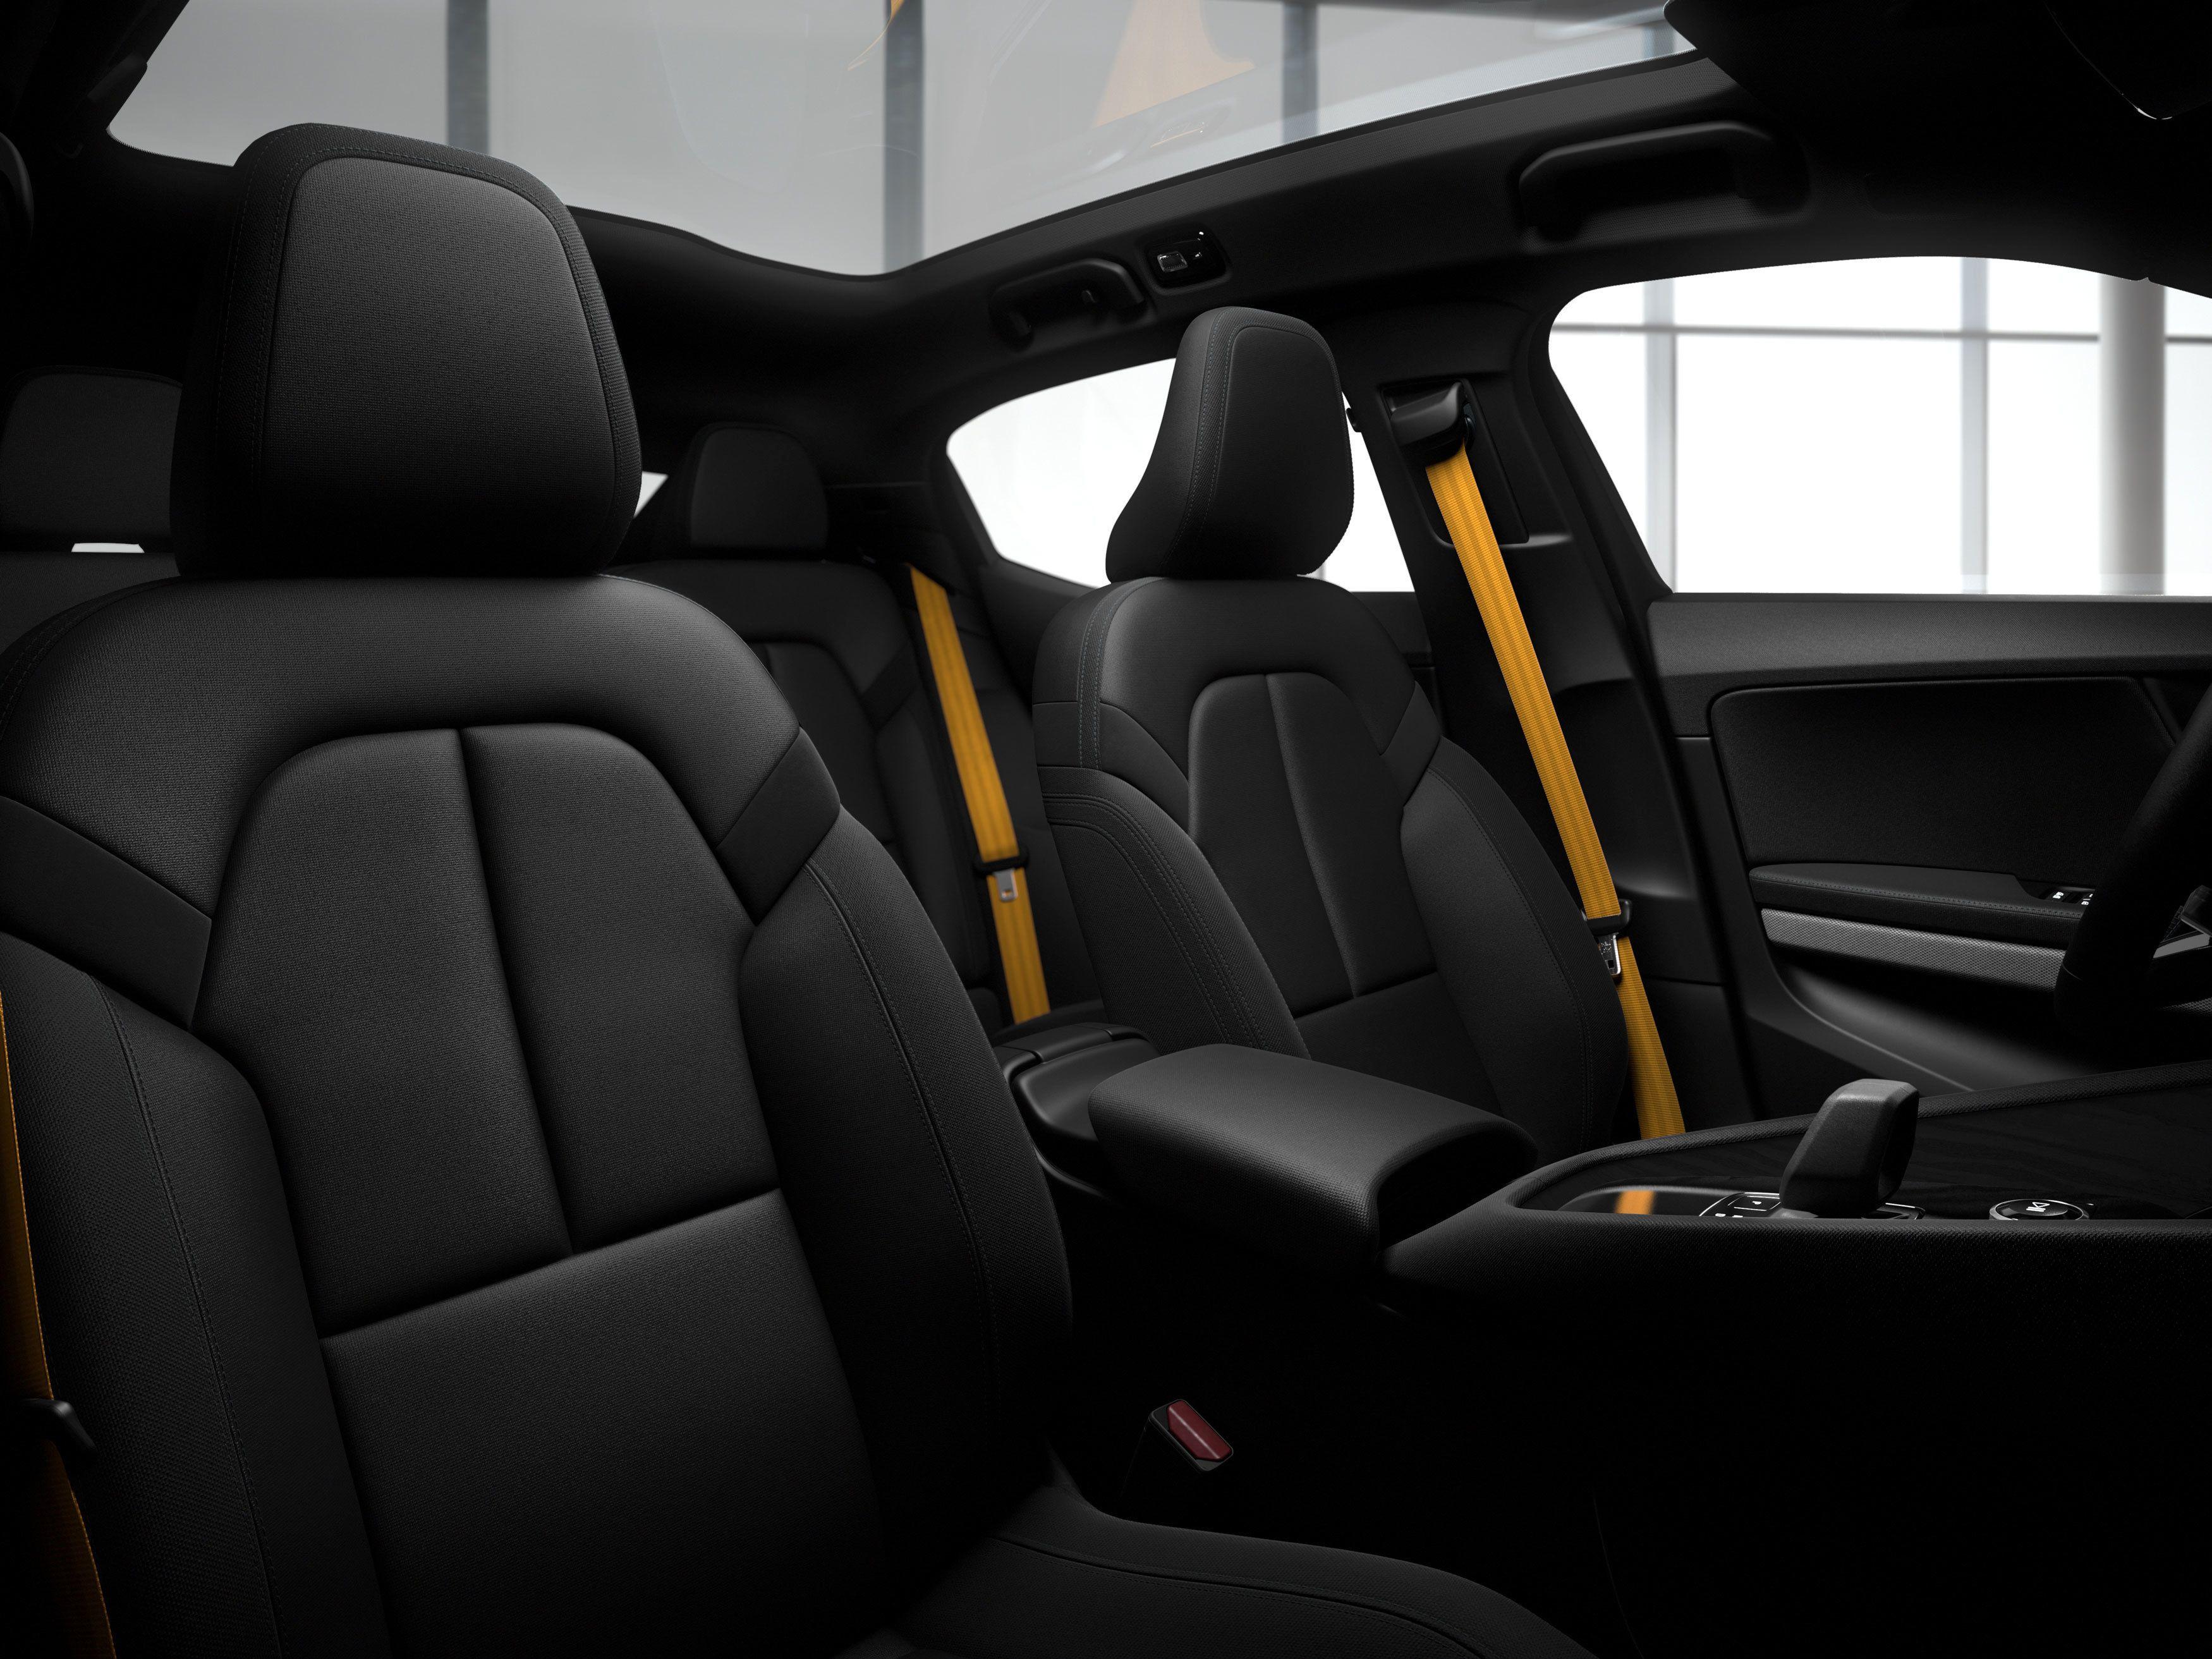 Innvendig er bilen helt fri for animalske produkter - i alle fall i standardversjonen.